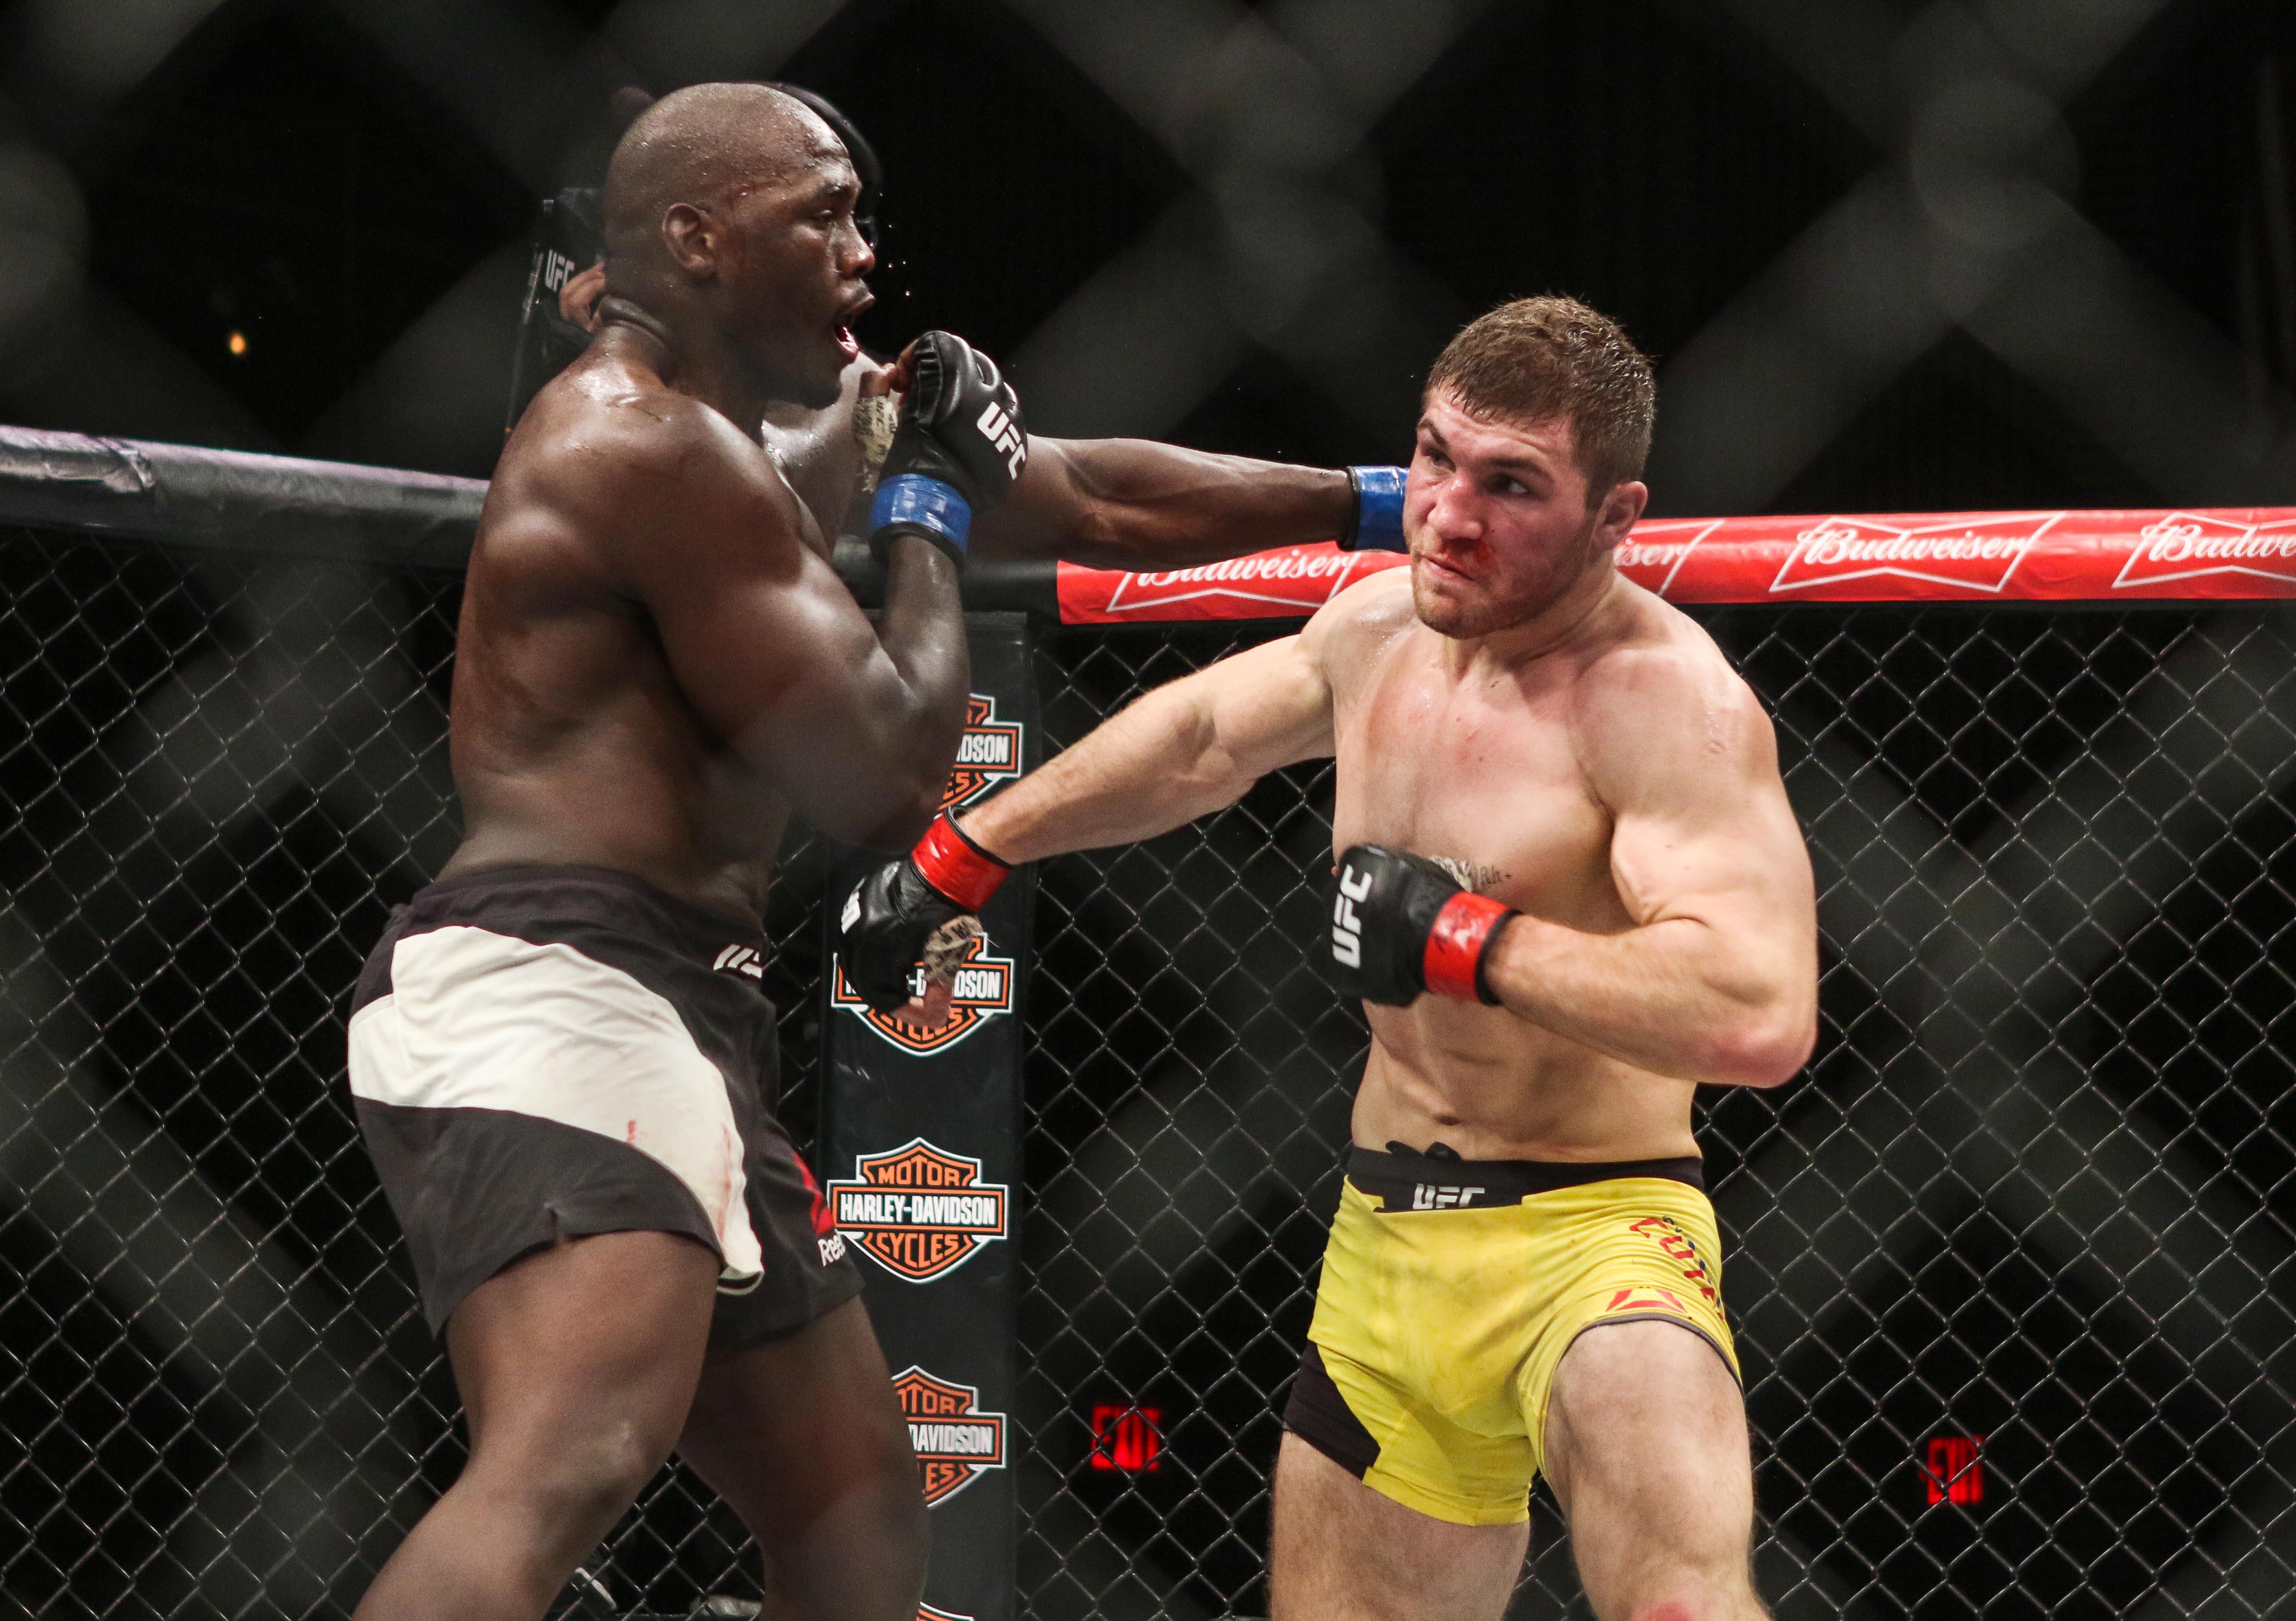 MMA: TUF Tournament of Champions-Cutelaba vs Cannonier